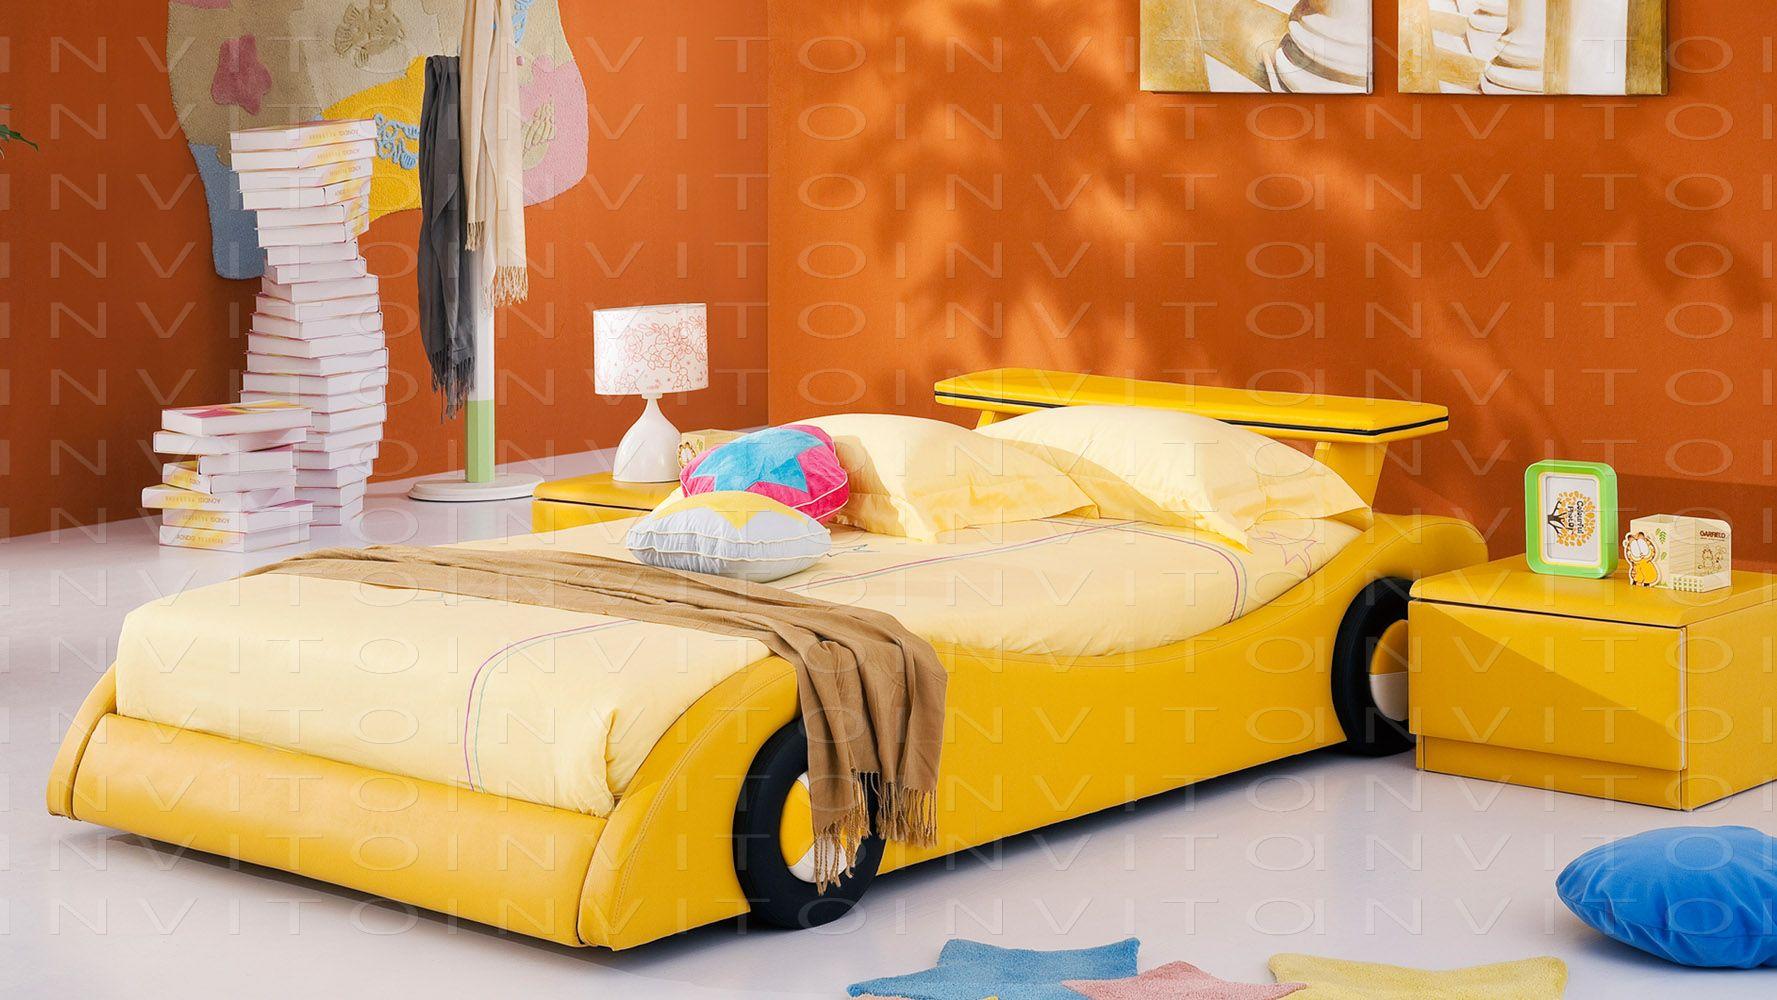 Invito Muebles Minimalistas Interiorismo Decoraci N De  # Muebles Cover Decoracion